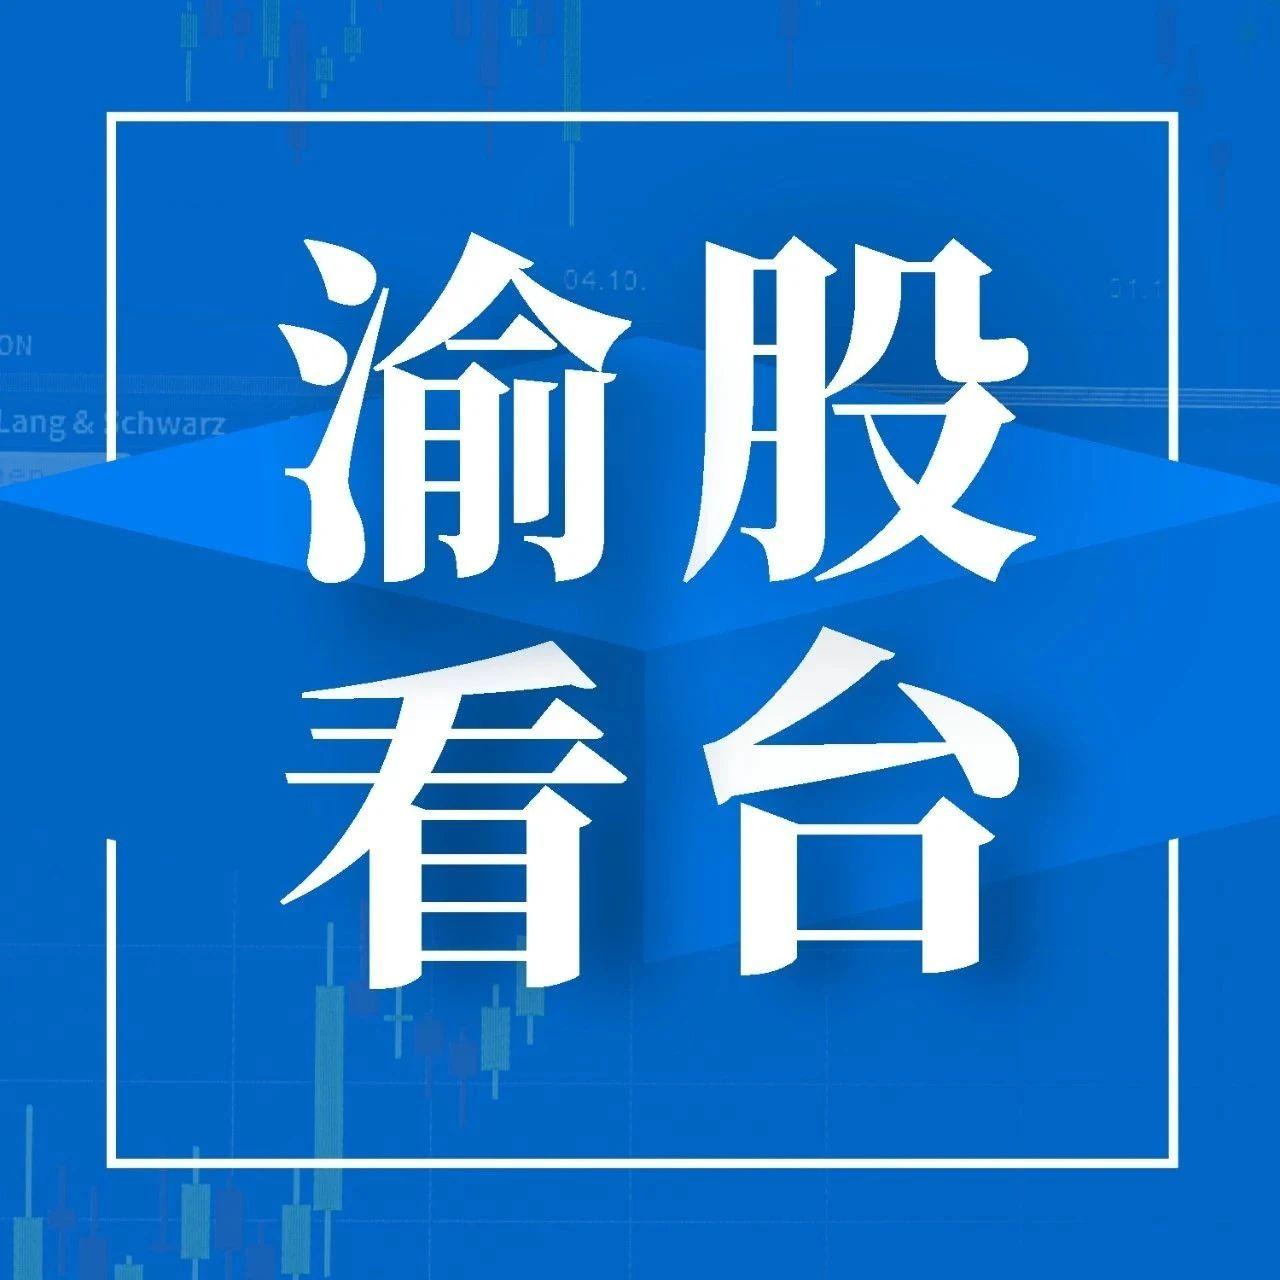 重庆神驰机电拟参加三华工业破产重整,收购其全部股权